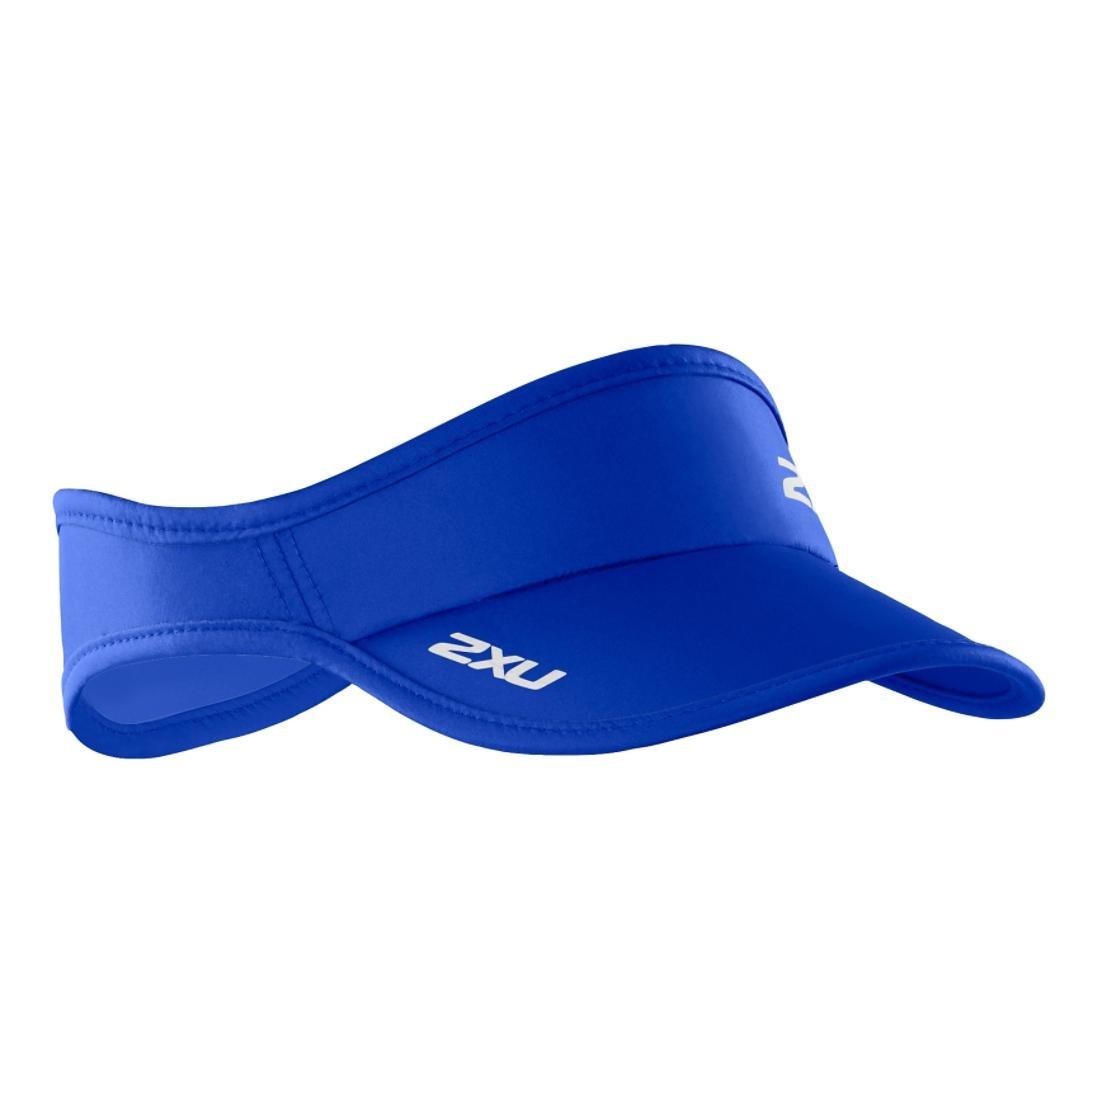 (ツータイムズユー)2XU ランニングウェア ランバイザー UA1150f [ユニセックス] B01HJGEIQO One Size|Cobalt Blue/Cobalt Blue Cobalt Blue/Cobalt Blue One Size